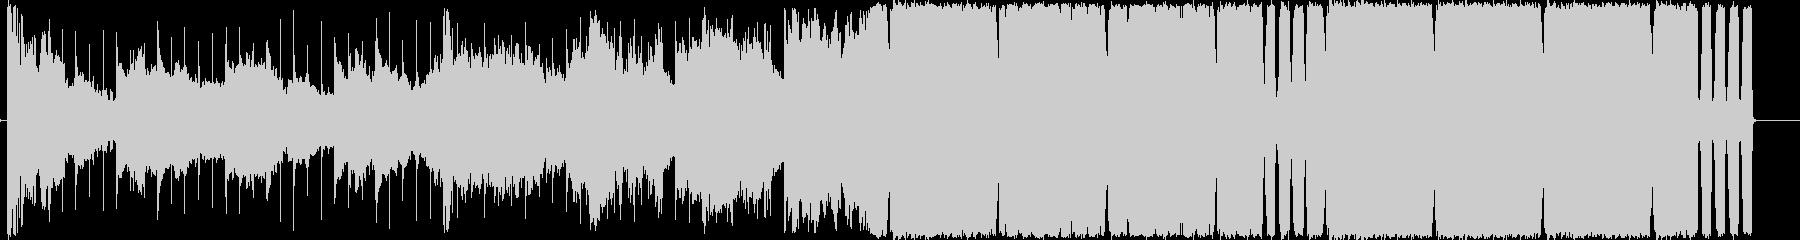 4つ打ちハウス/EDMのお洒落な曲の未再生の波形